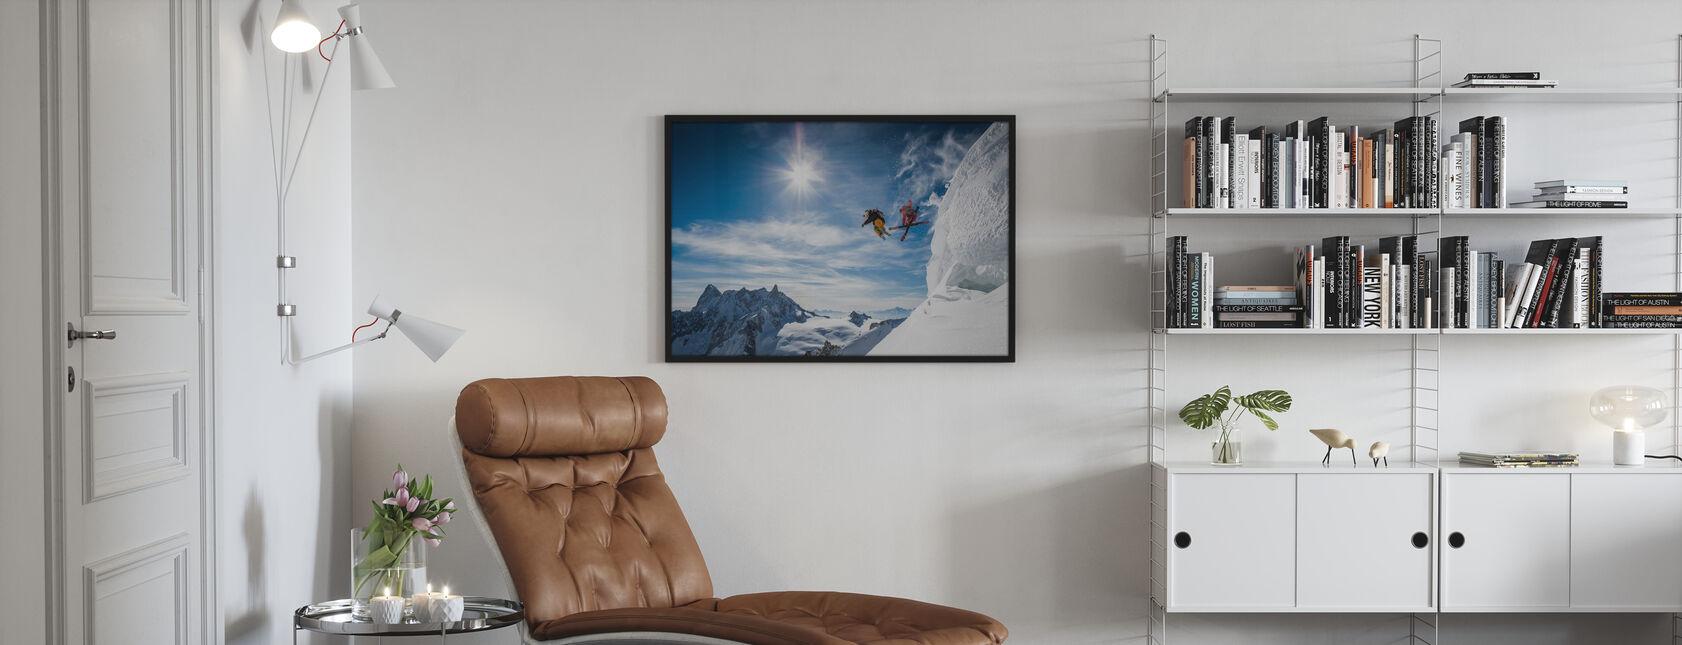 Springen Legenden - Poster - Wohnzimmer